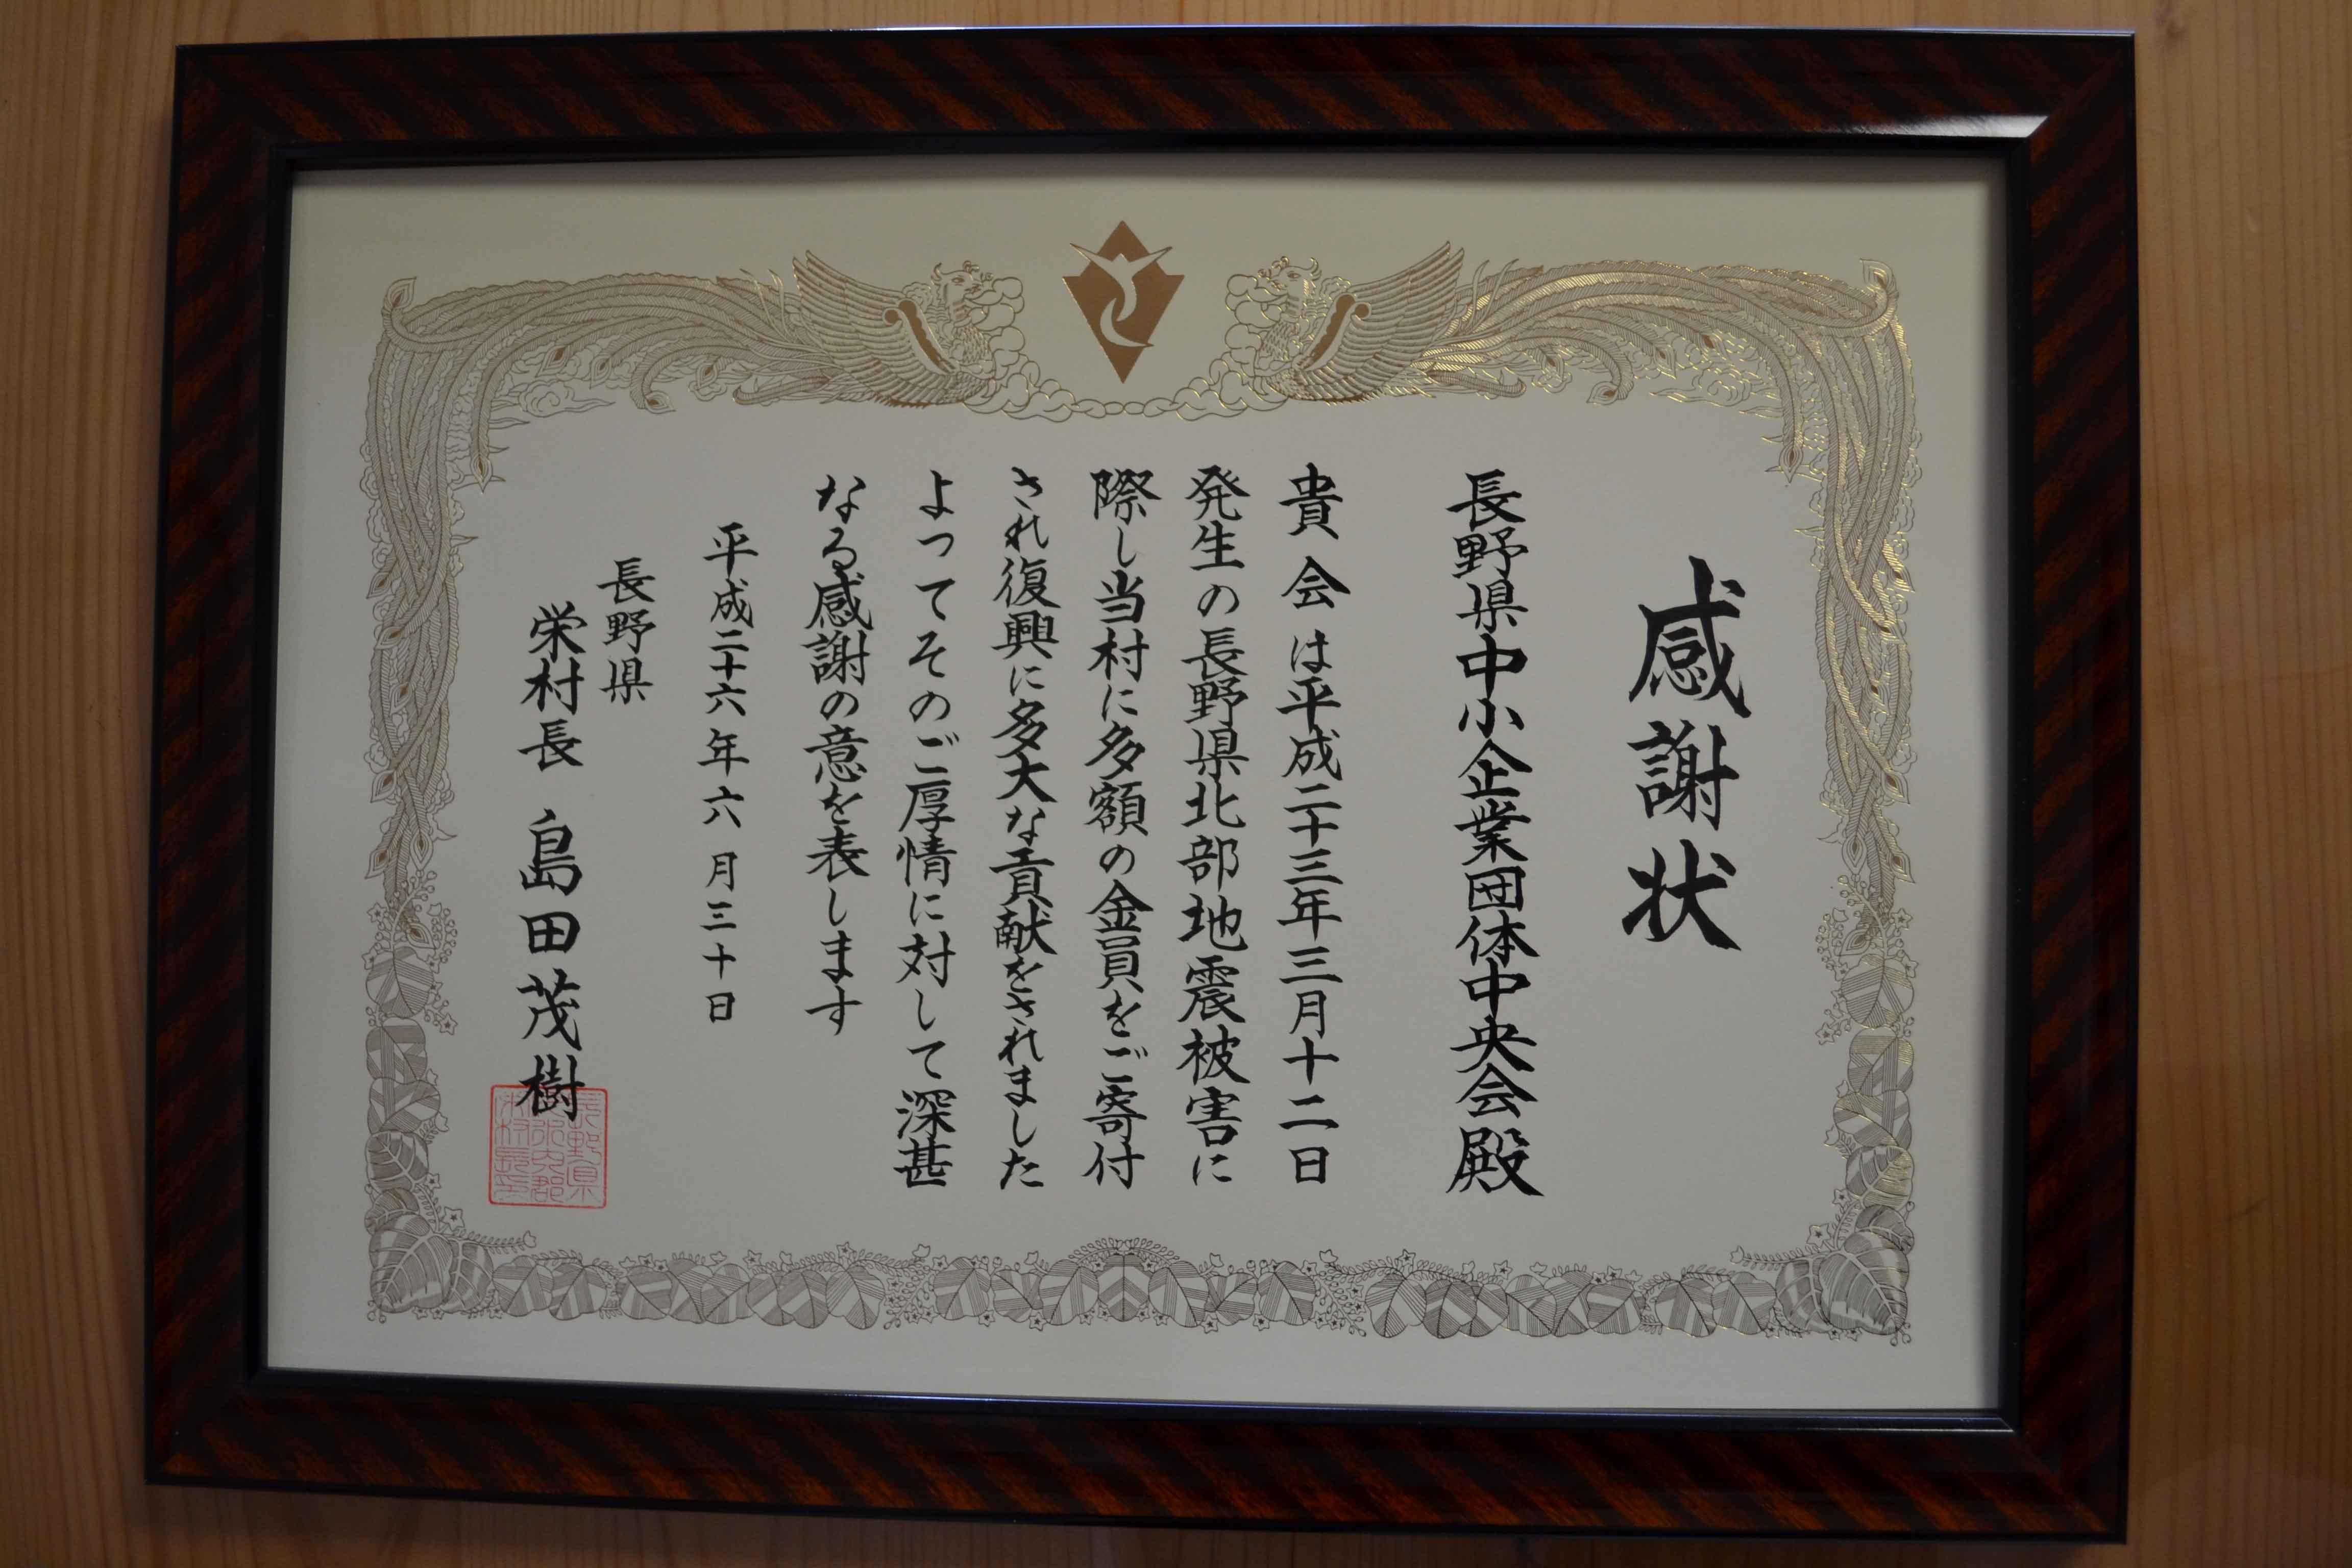 栄村からの感謝状